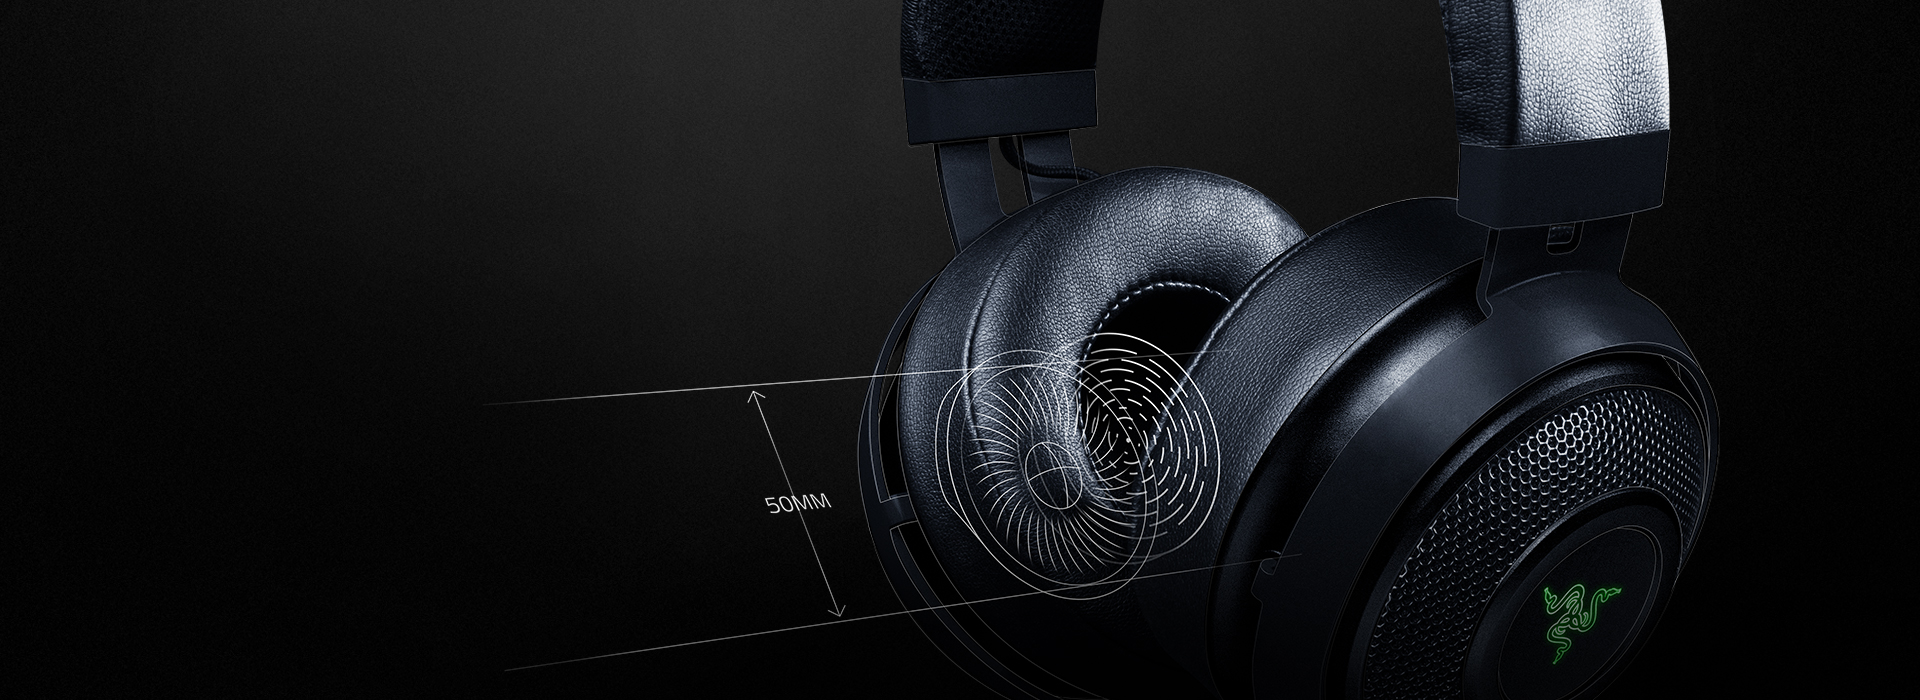 Driver 50mm tái tạo âm thanh rất tốt xét riêng đến việc đây là một tai nghe chuyên game